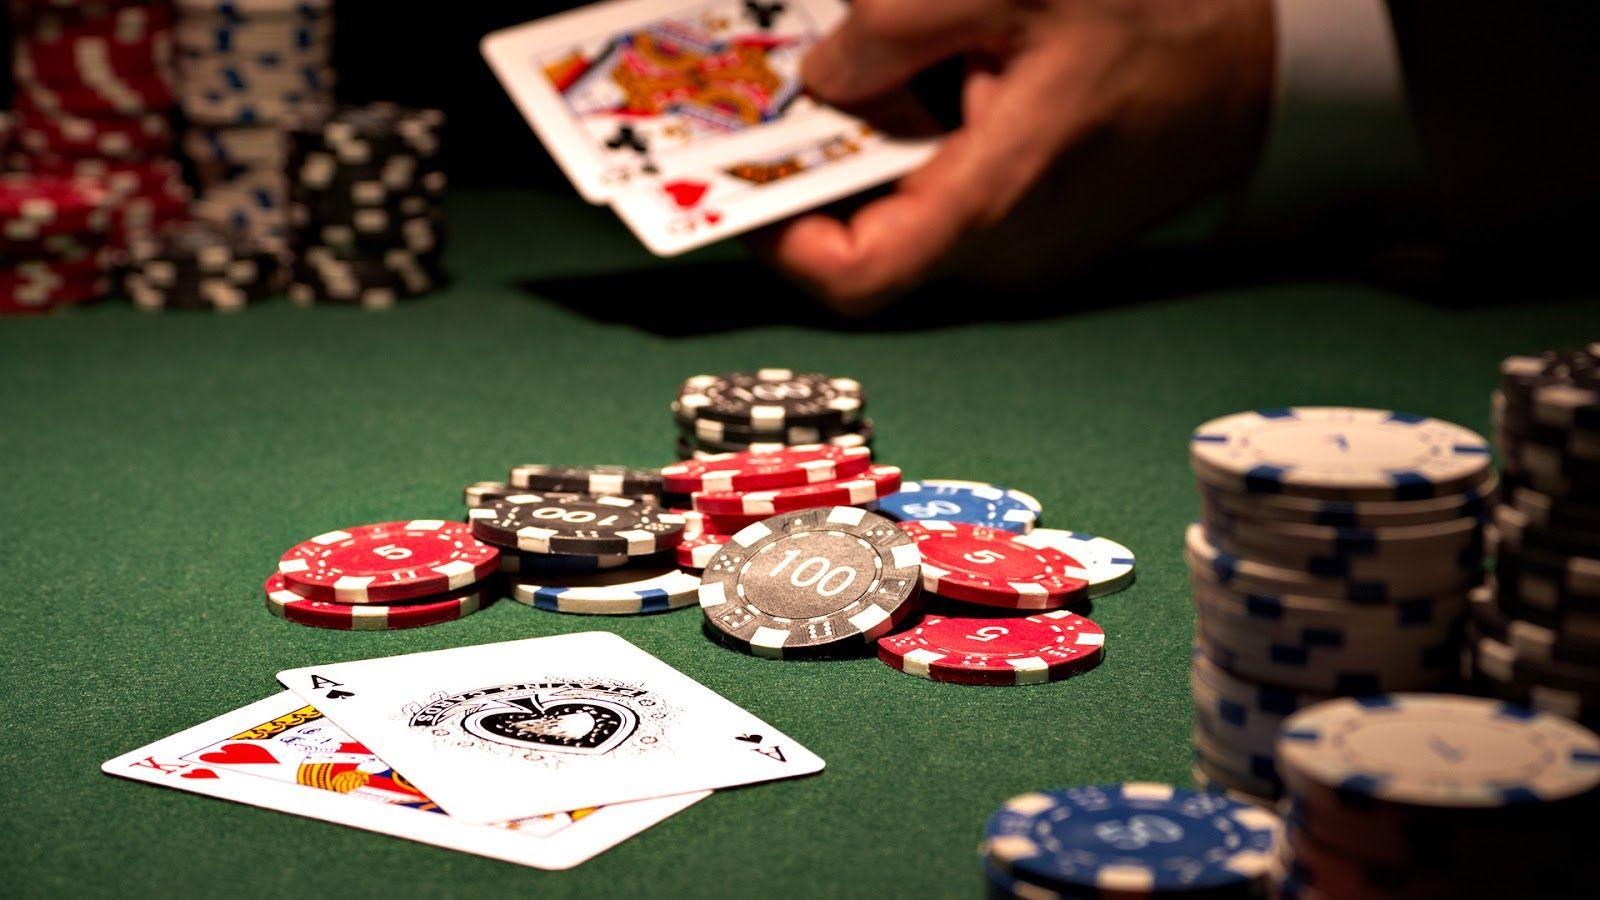 Рейтинг покер казино онлайн игровые автоматы олимп98